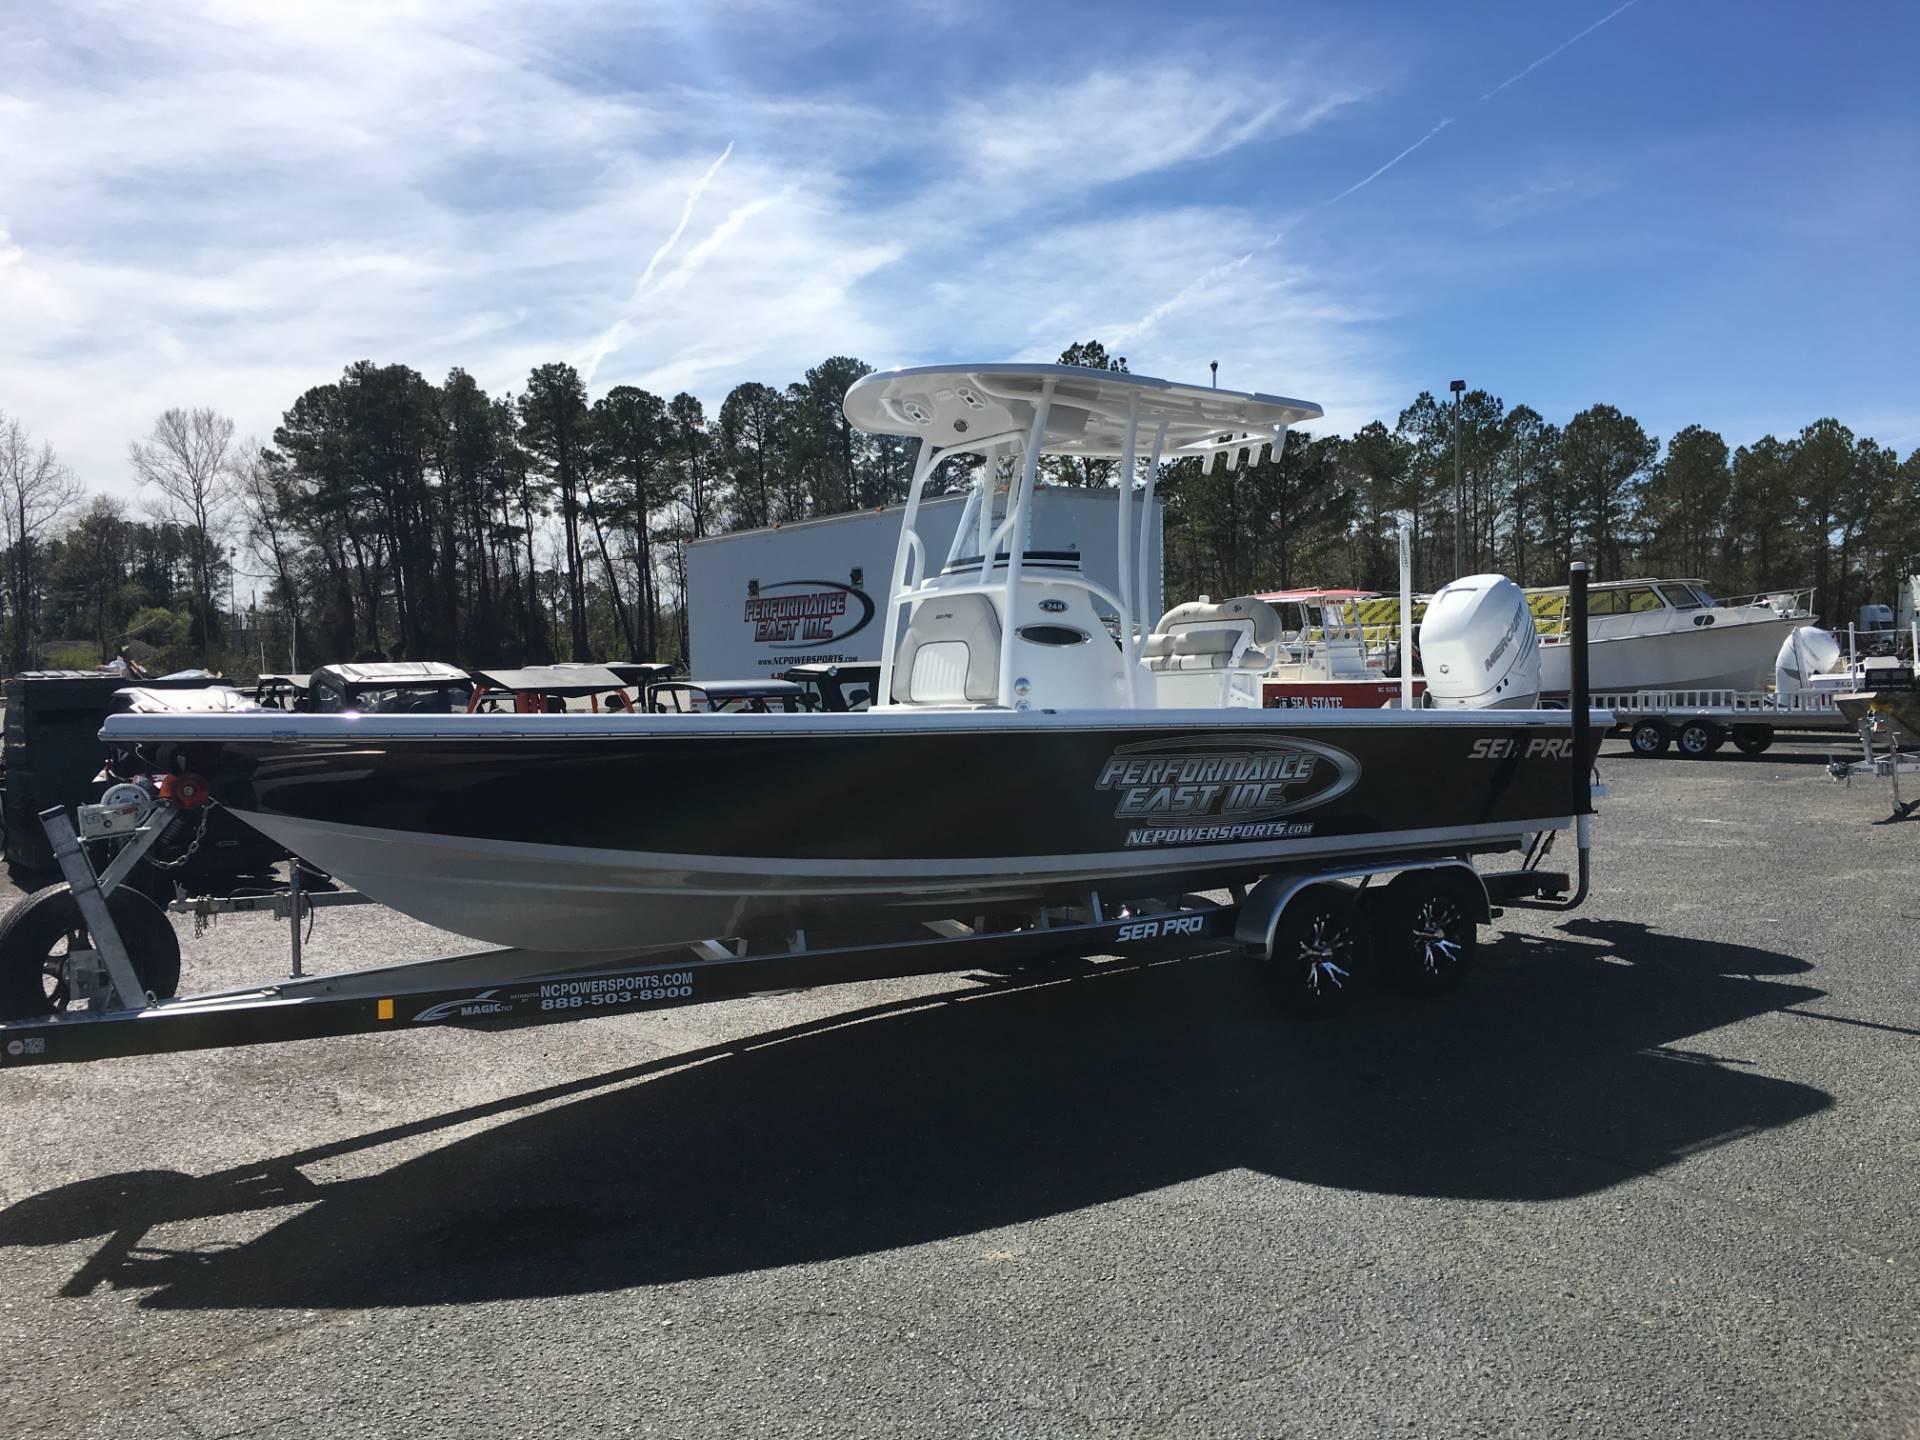 Sea-pro 248 DLX BAY